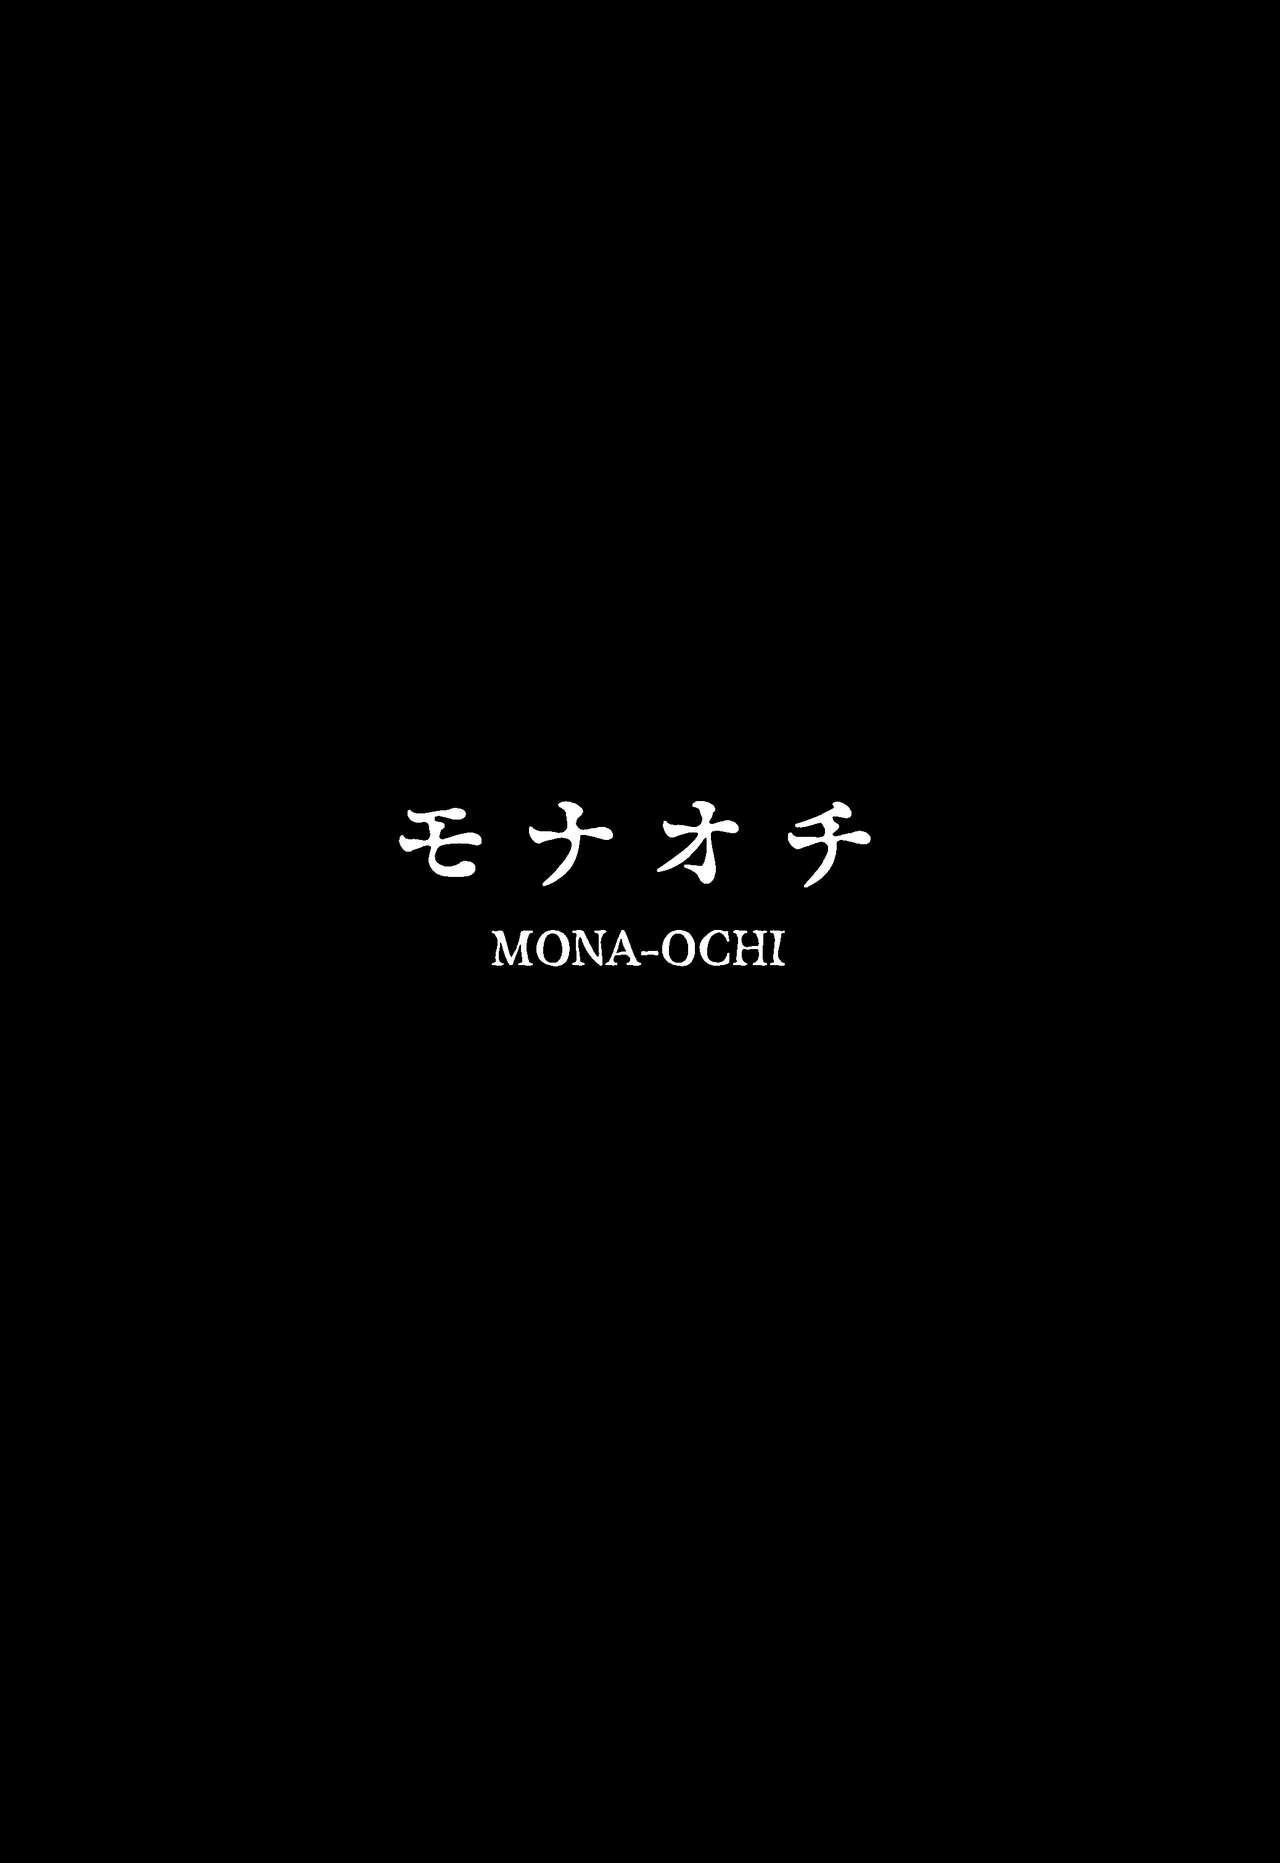 MONA-OCHI   Mona's Downfall 2